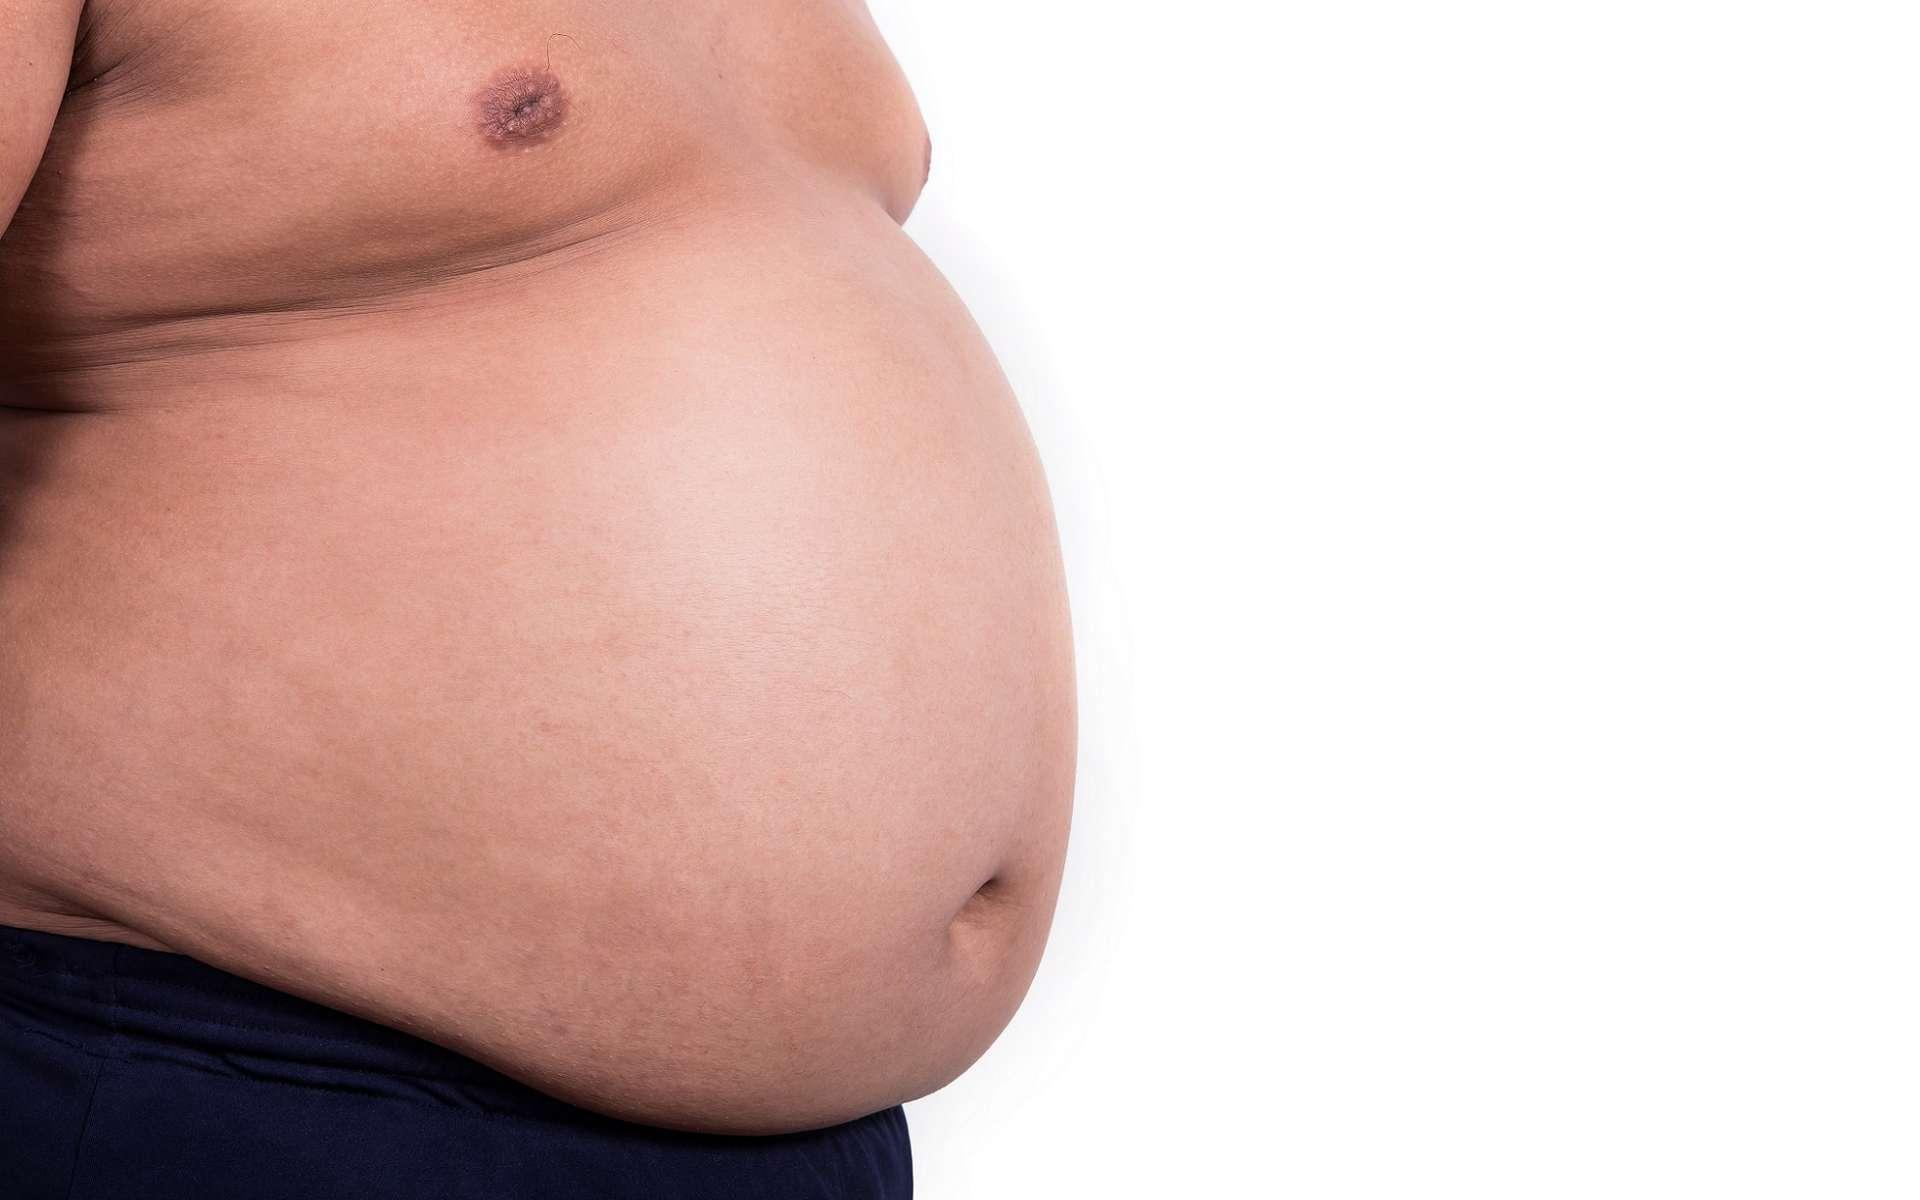 La découverte de l'enzyme PM20D1 permet d'envisager de nouvelles thérapies contre l'obésité. © surassawadee, Shutterstock